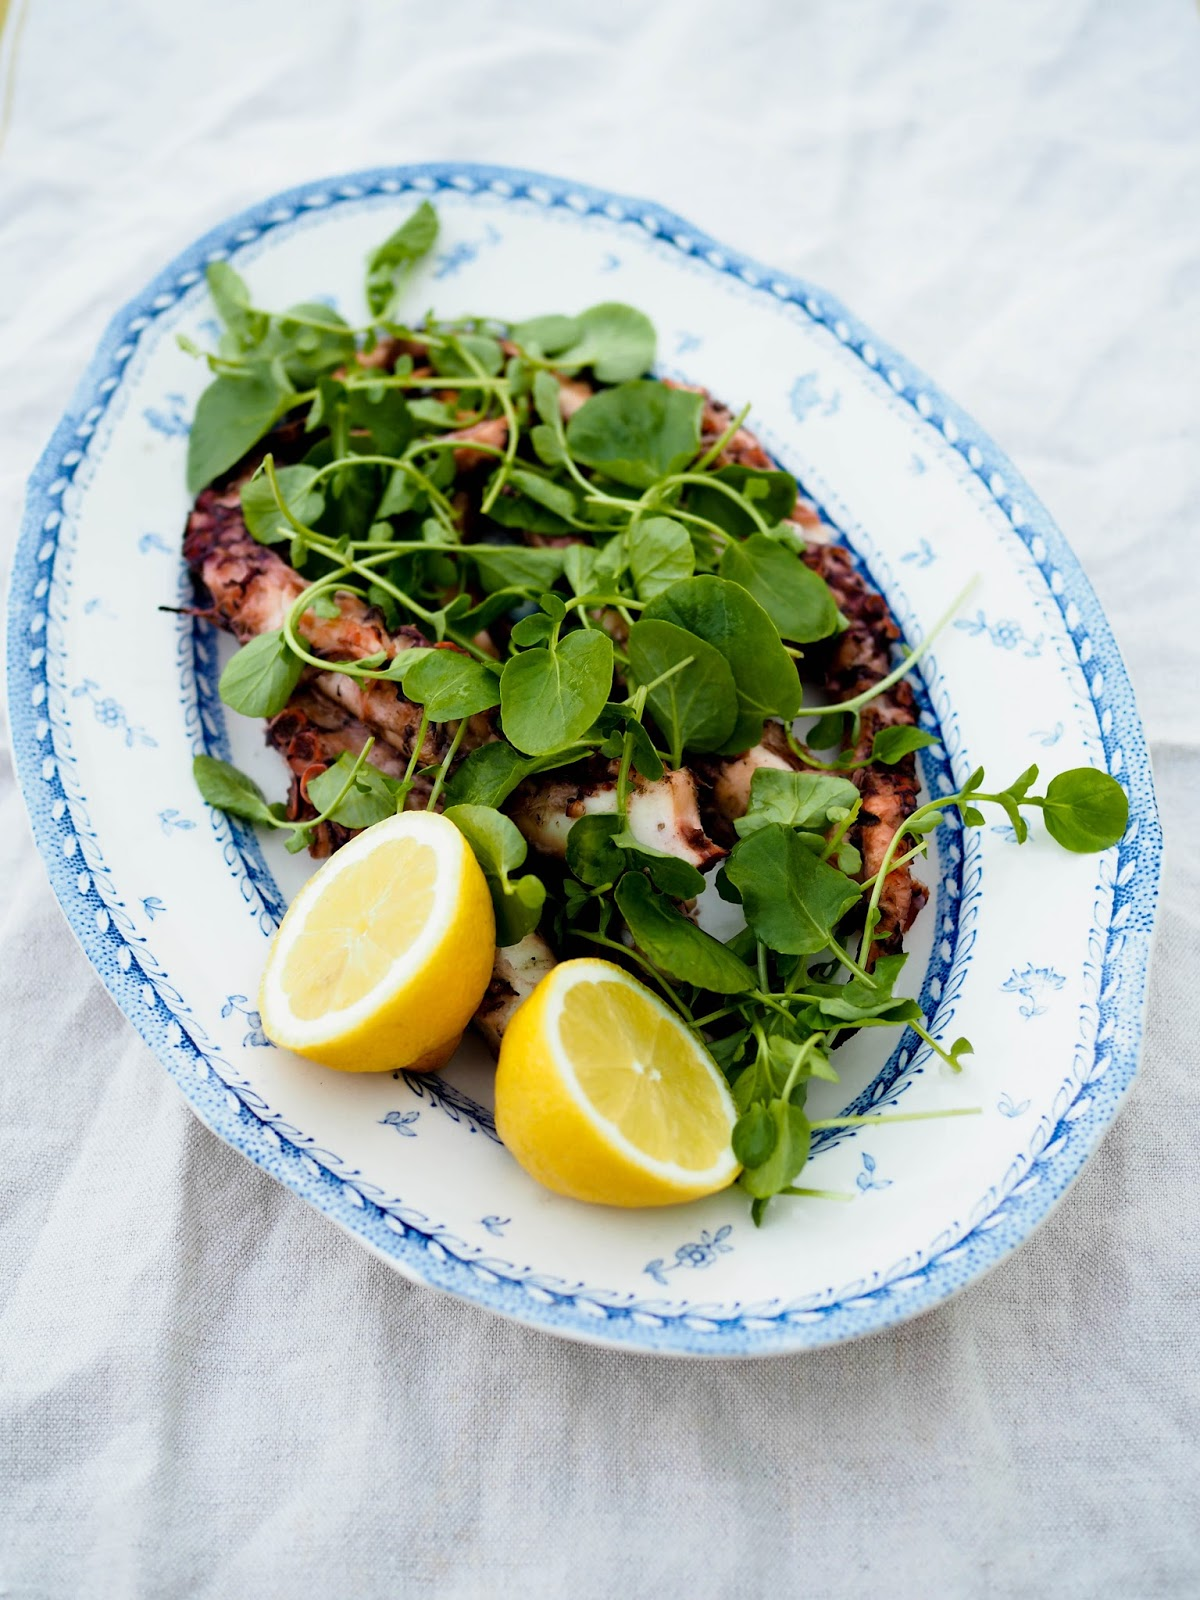 Mustekalan käsittely, mustekalan keittäminen, raa'an mustekalan keittäminen, grillattu mustekala